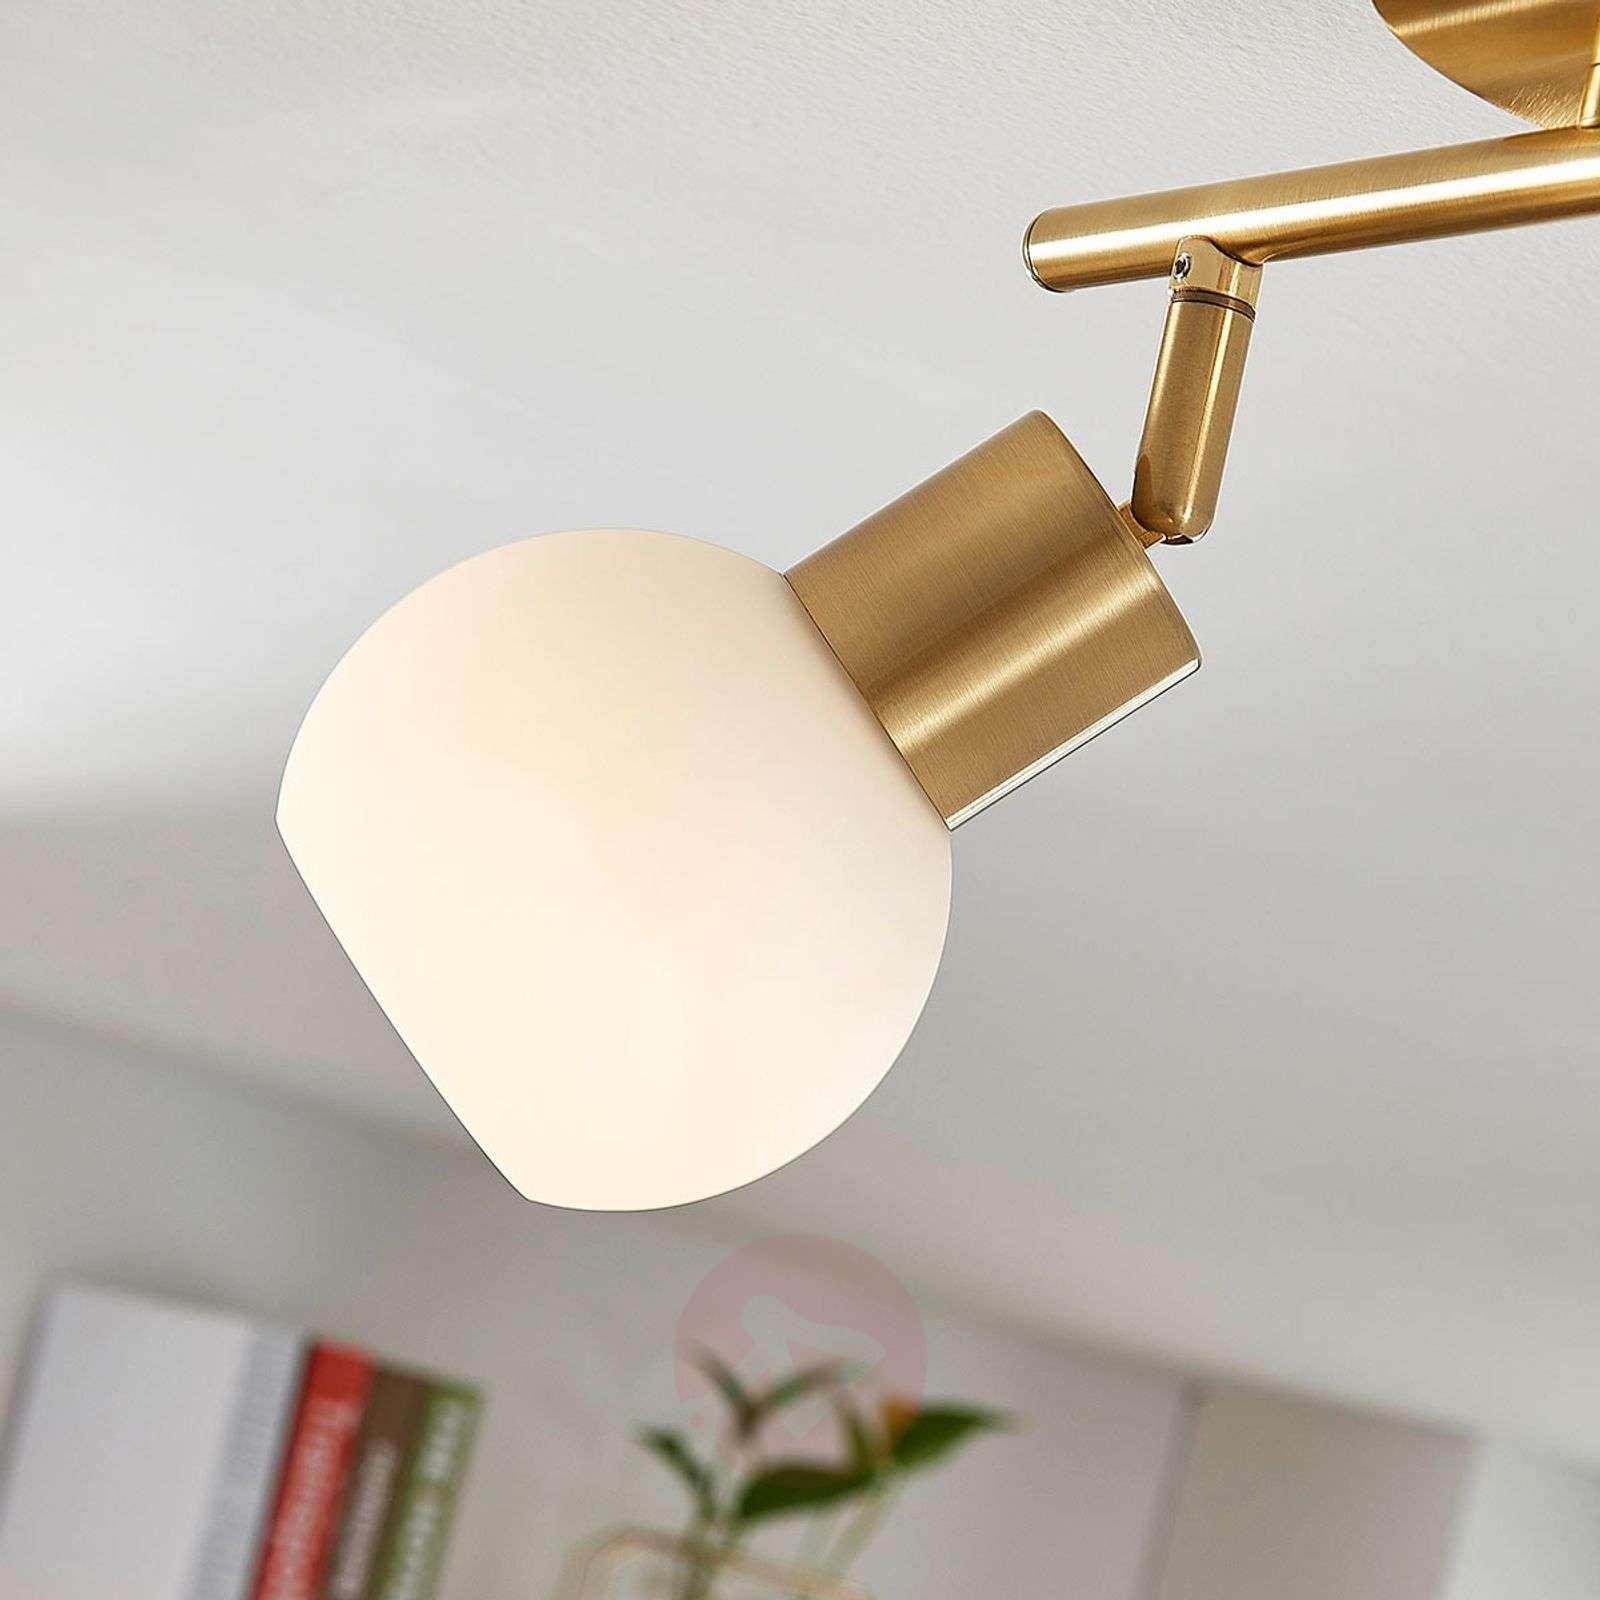 Kattovalaisin Elaina E14-LED-lampuilla, messinkiä-9620021-01